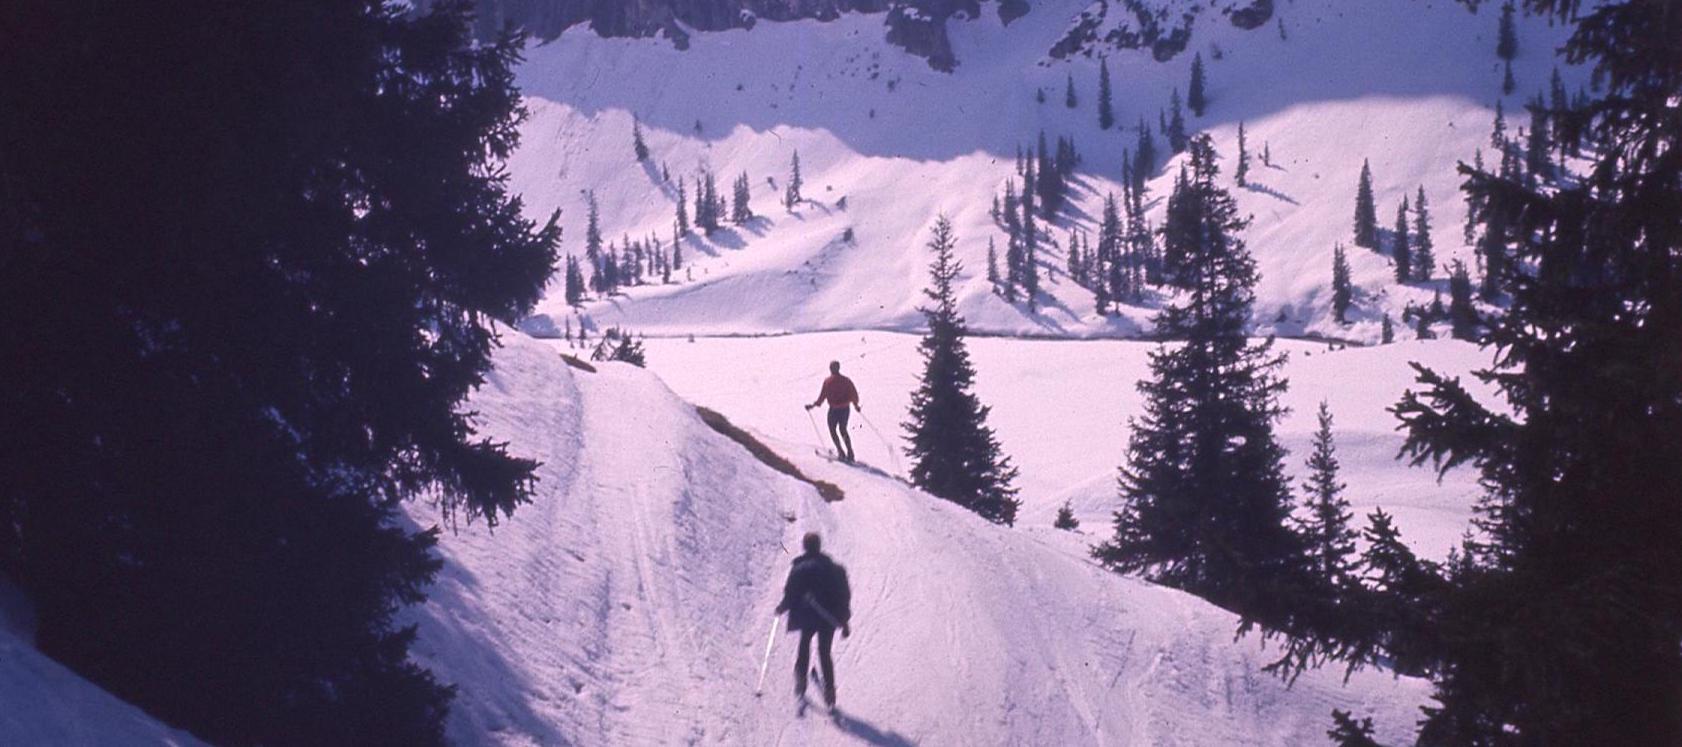 ski copy.jpg